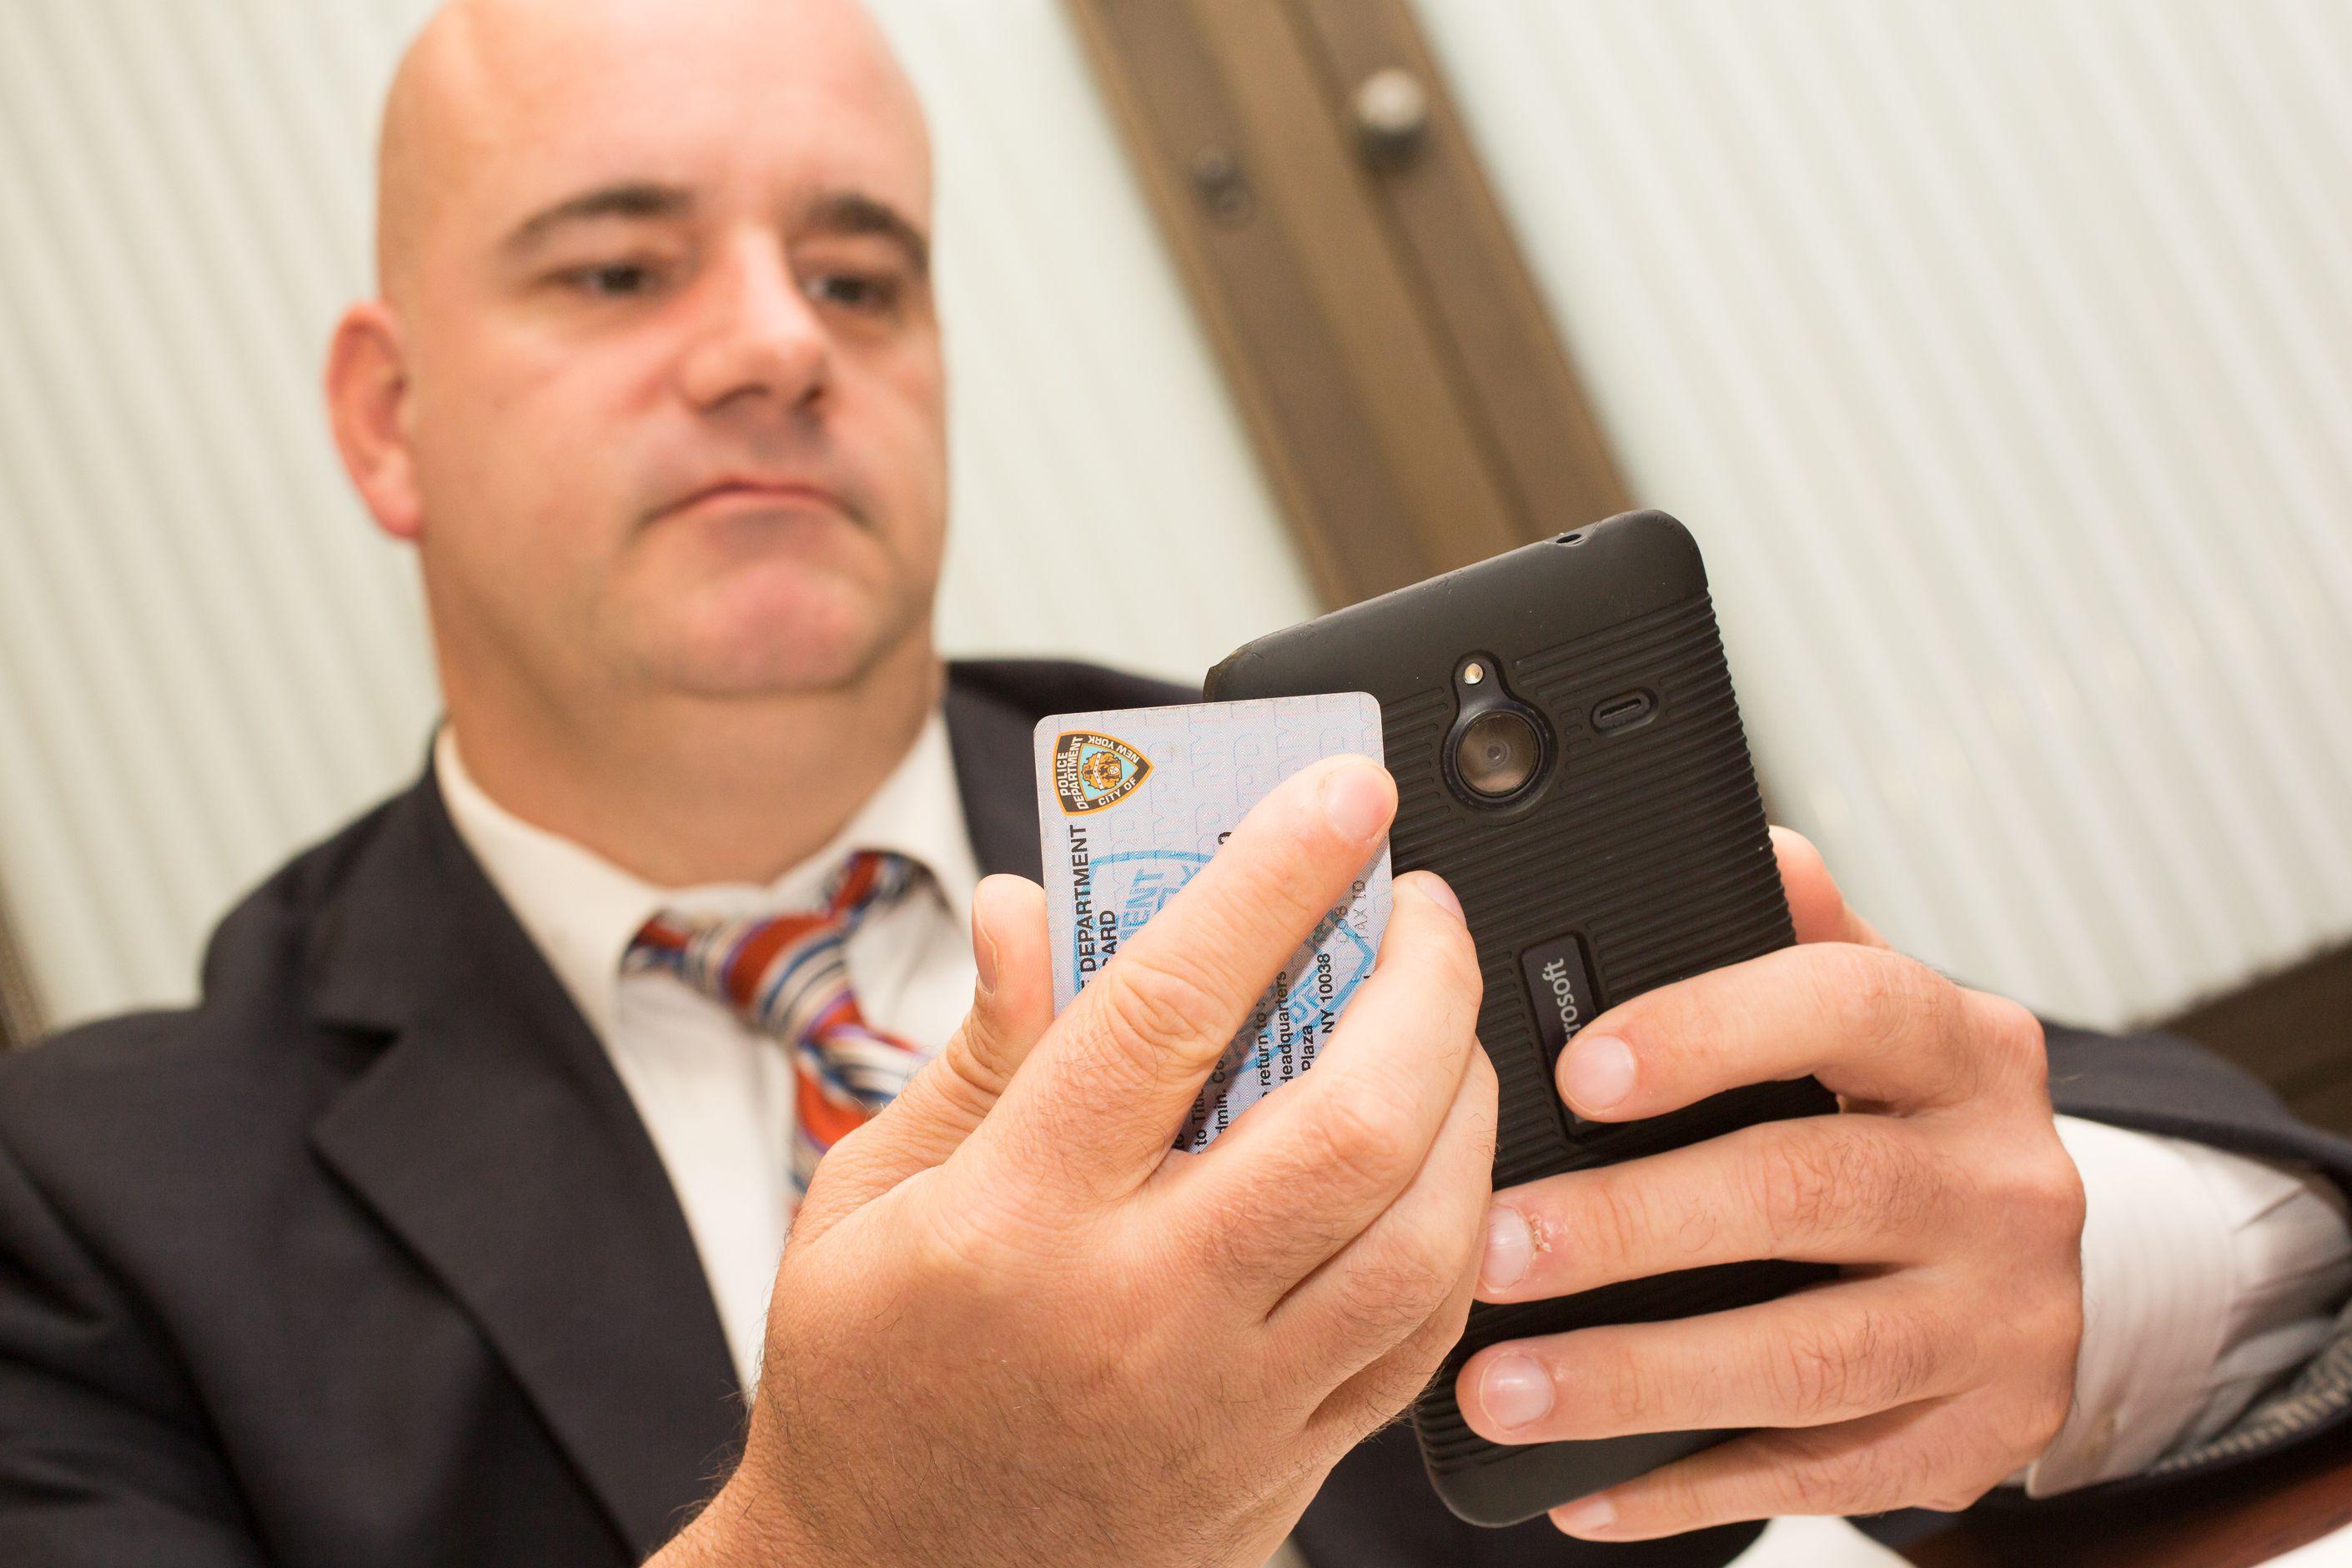 La polizia di New York sostituirà 36000 Lumia con i nuovi iPhone